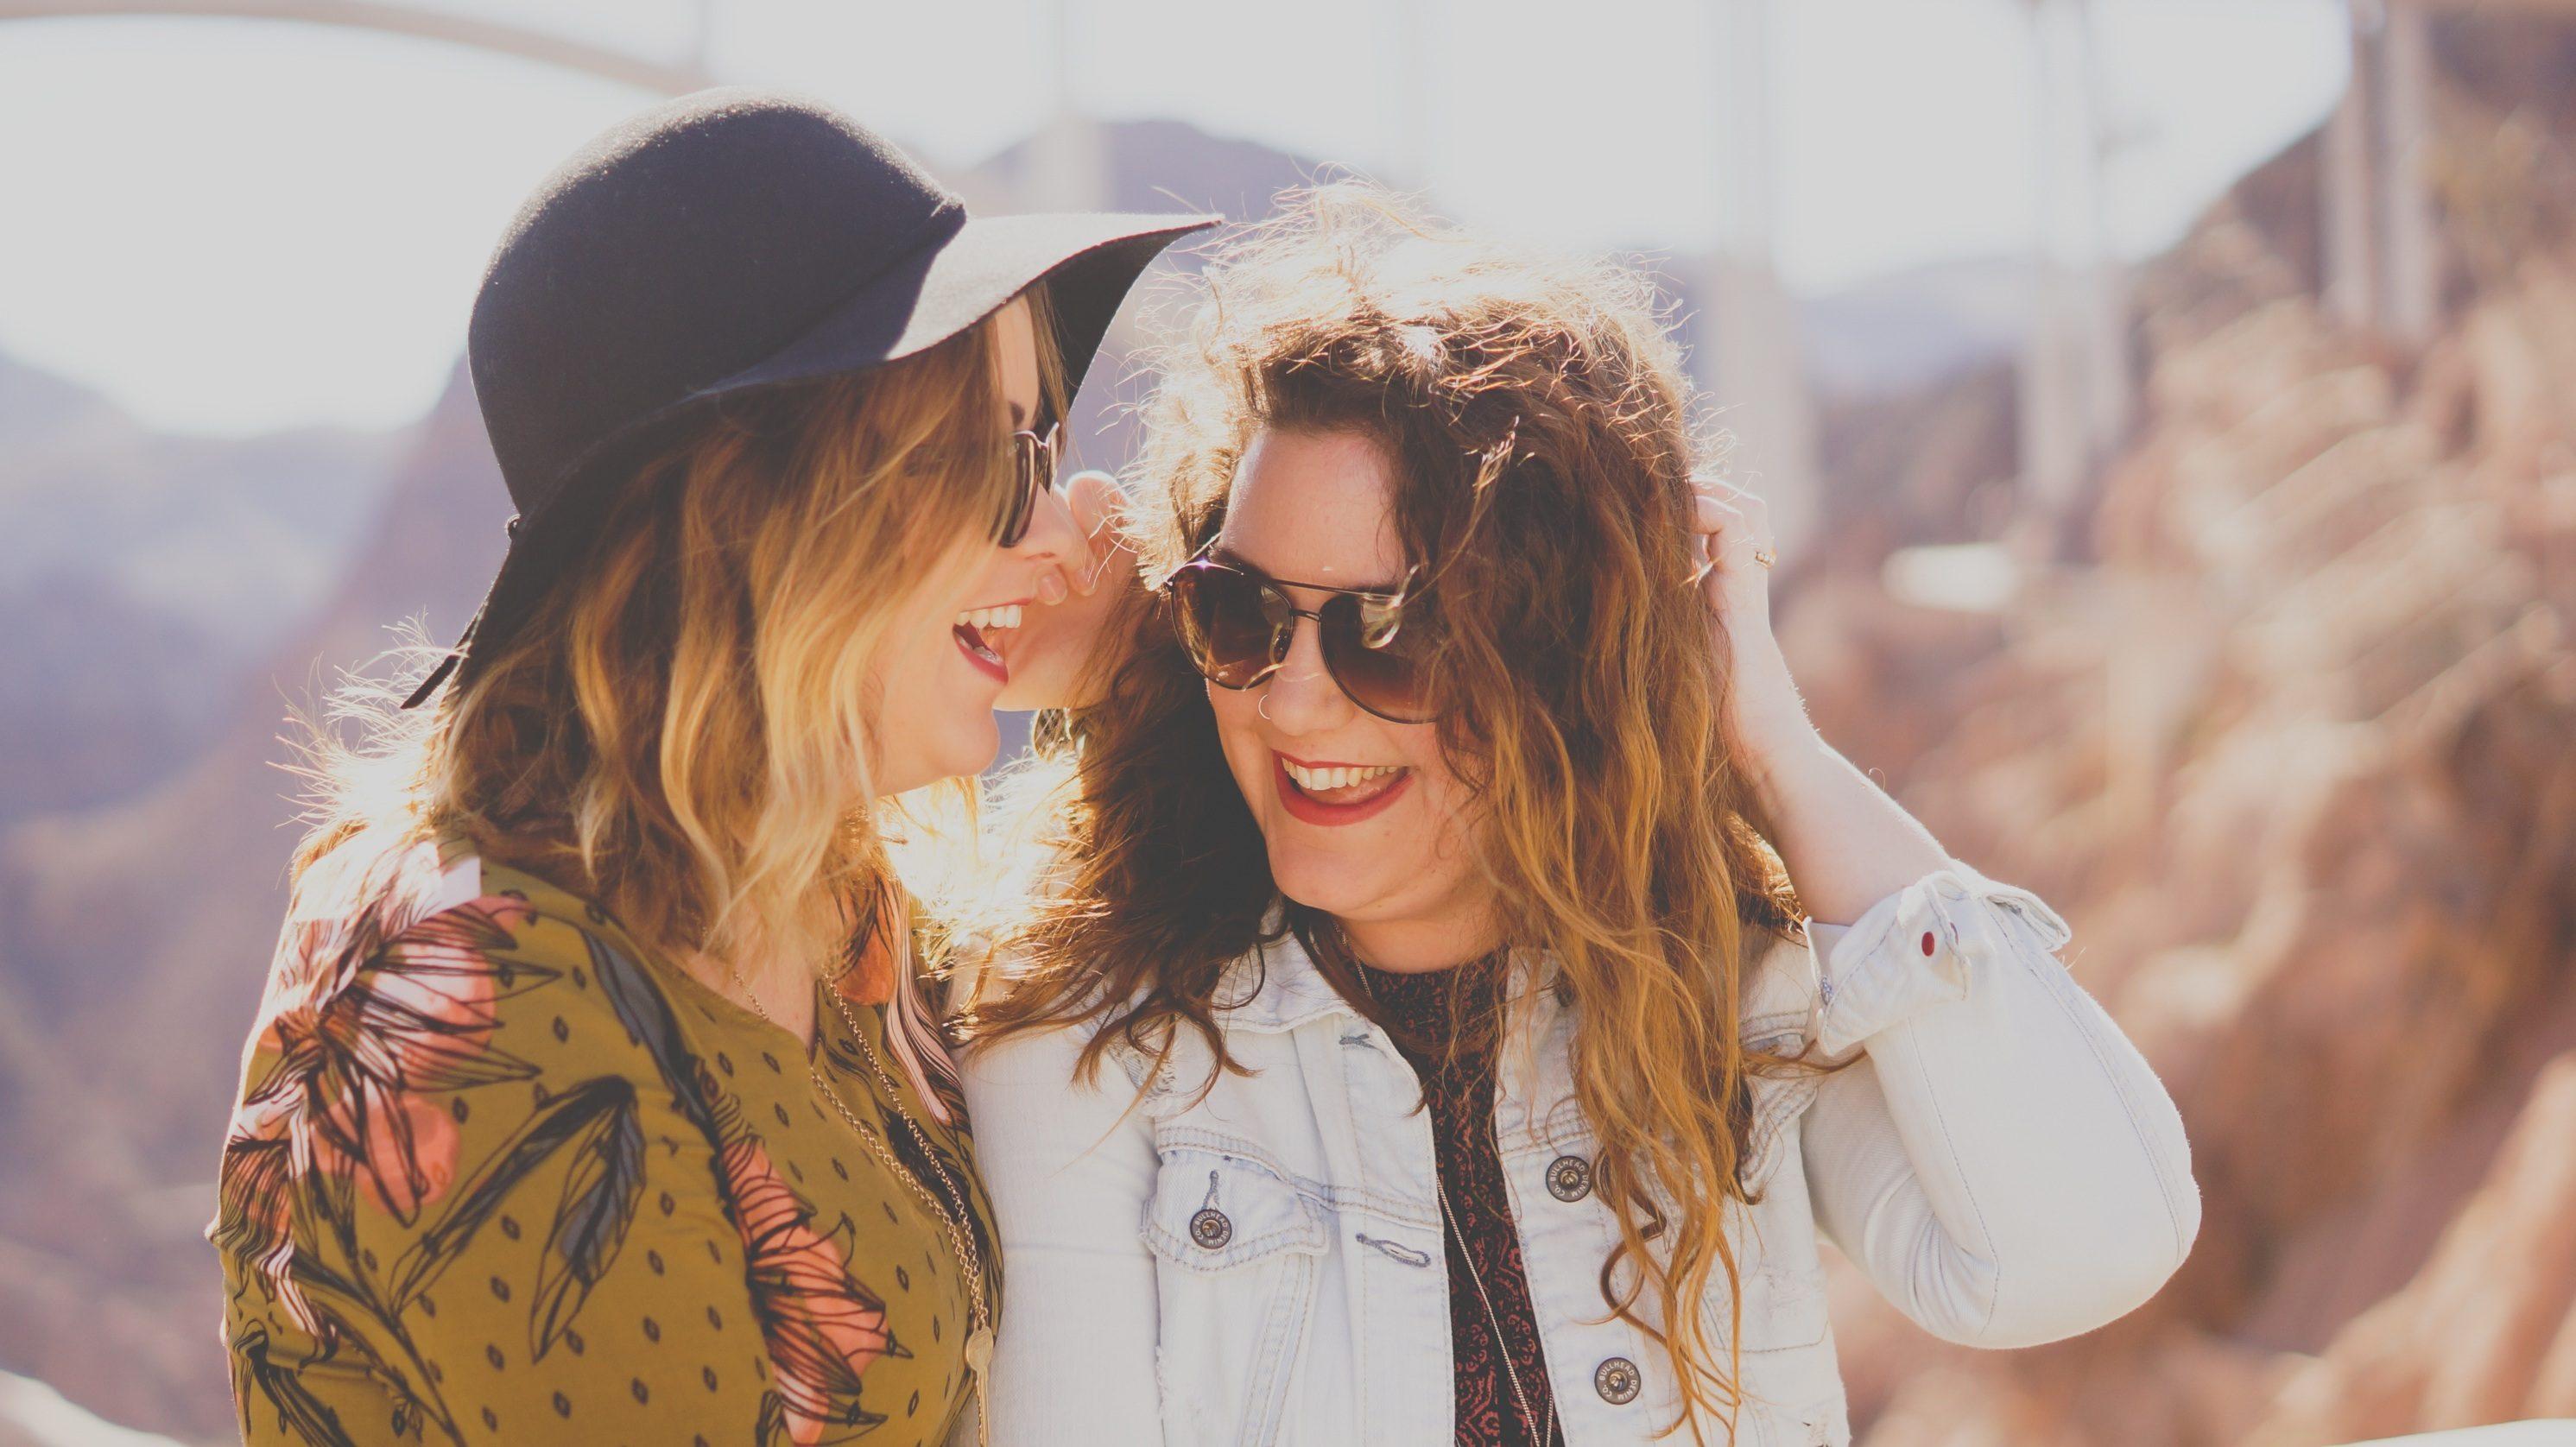 Emocionalna inteligencija je zapravo znanje kako kontrolirati svoje reakcije…